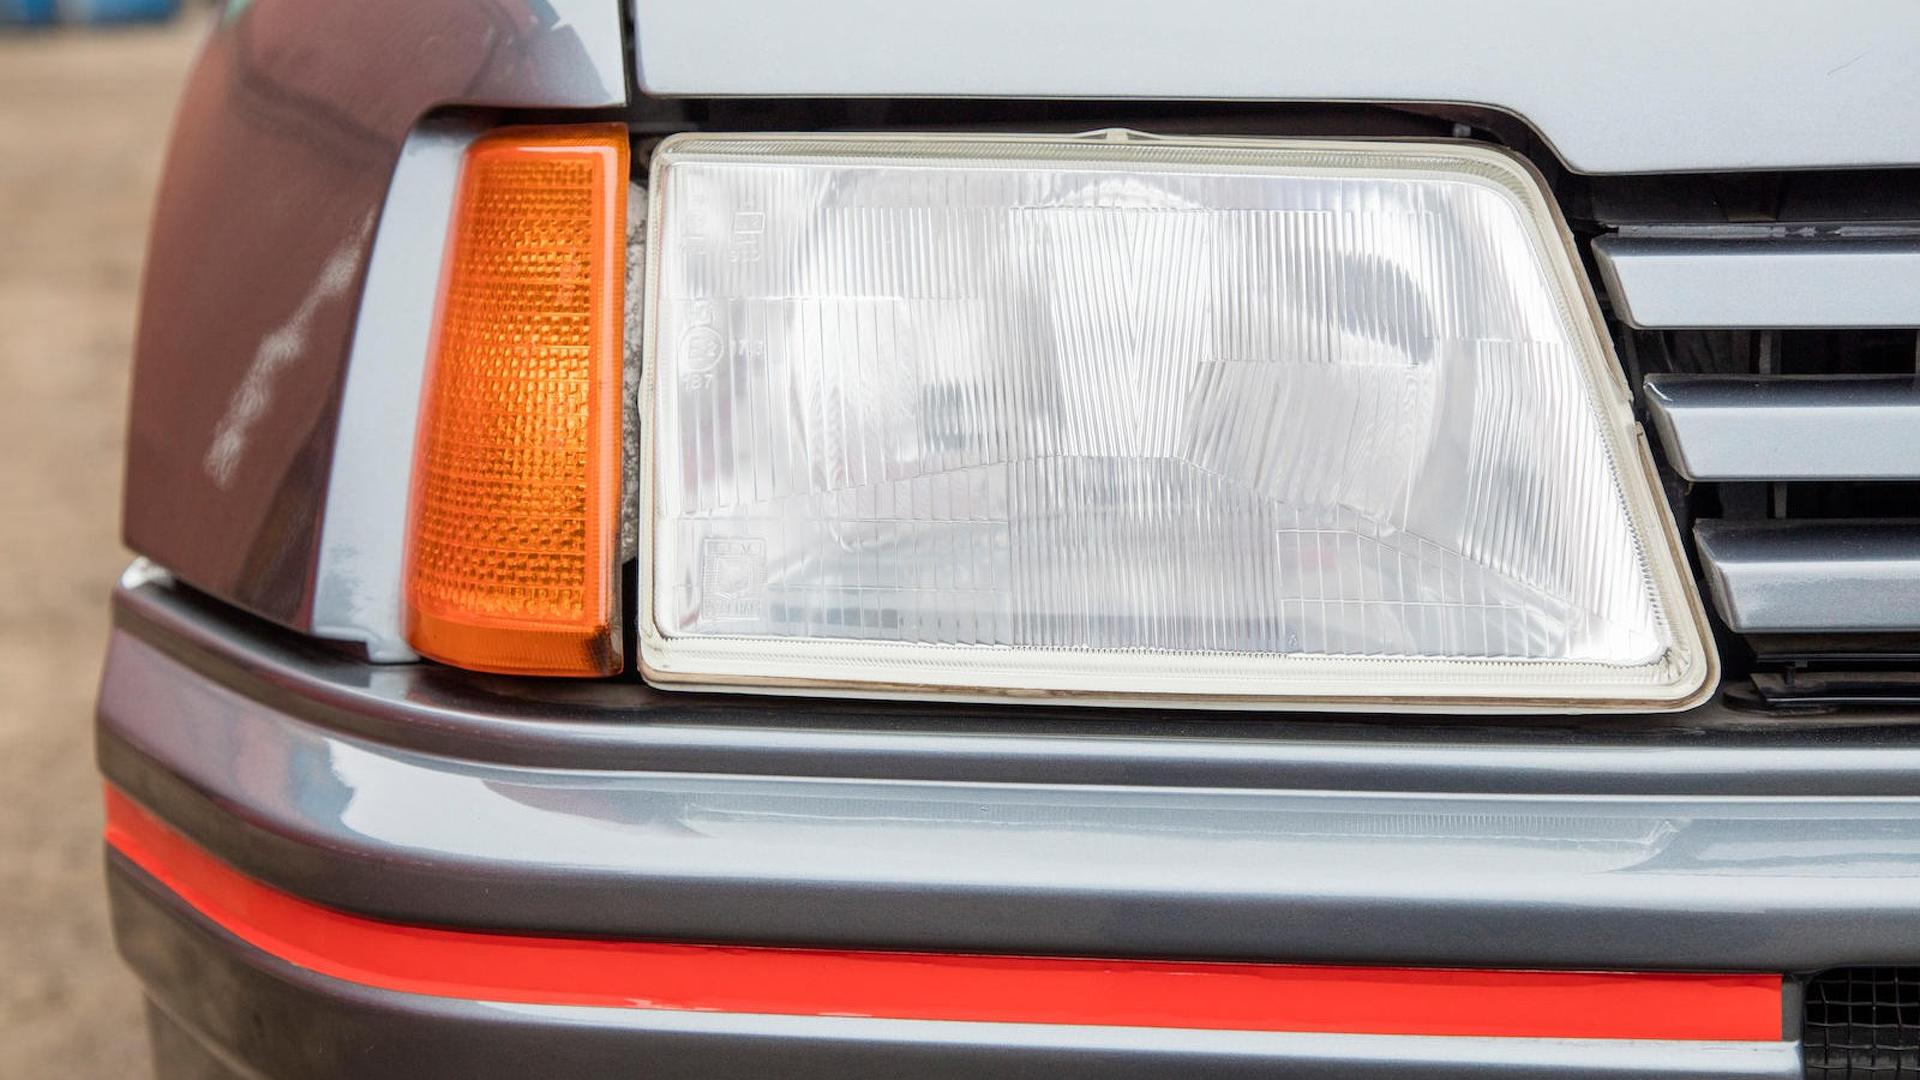 1985_Peugeot_205_Turbo_16_19